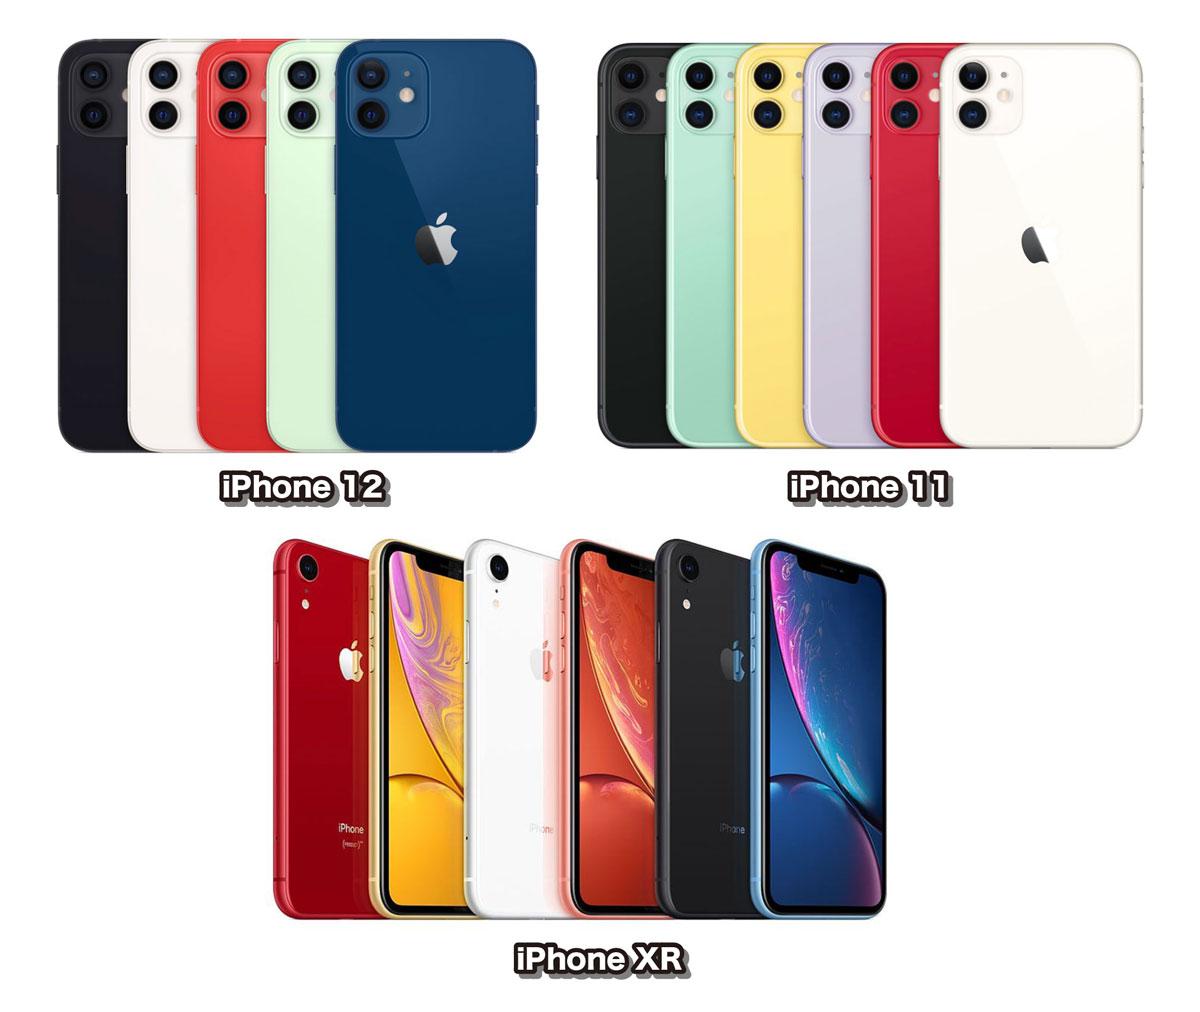 iPhone 12・11・XR カラーバリエーションの比較